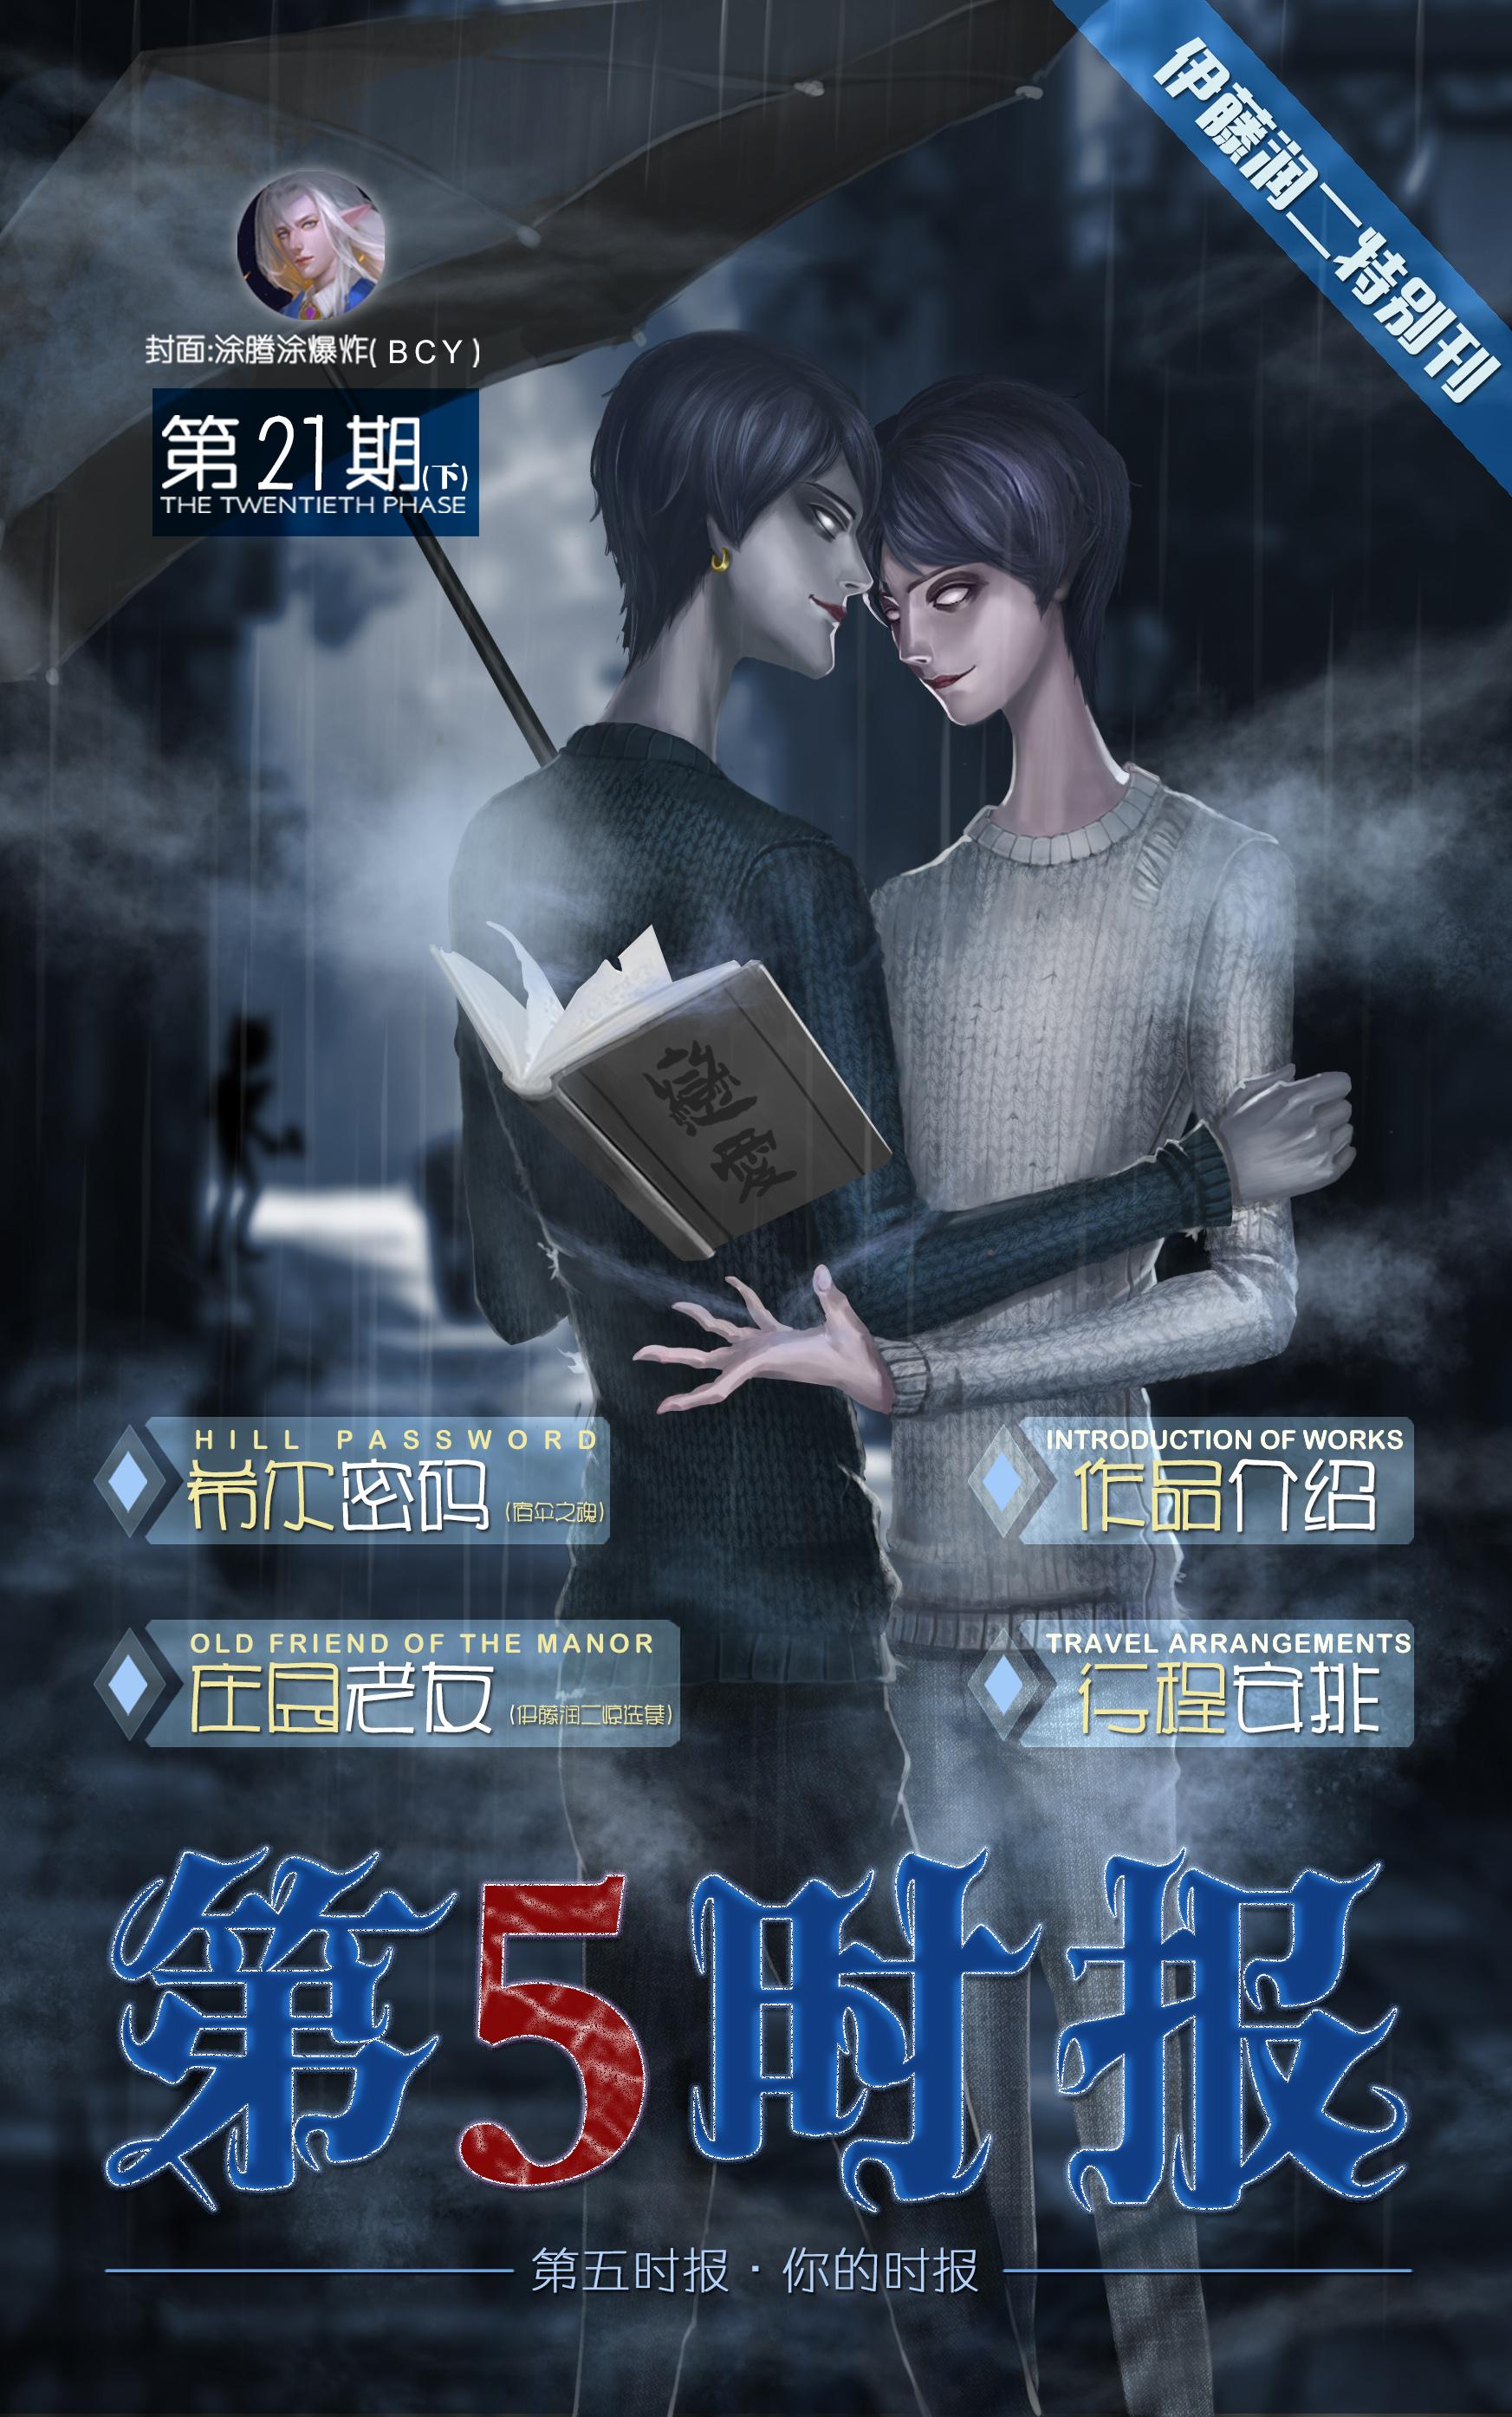 【第五时报】第21期(伊藤润二特别刊)